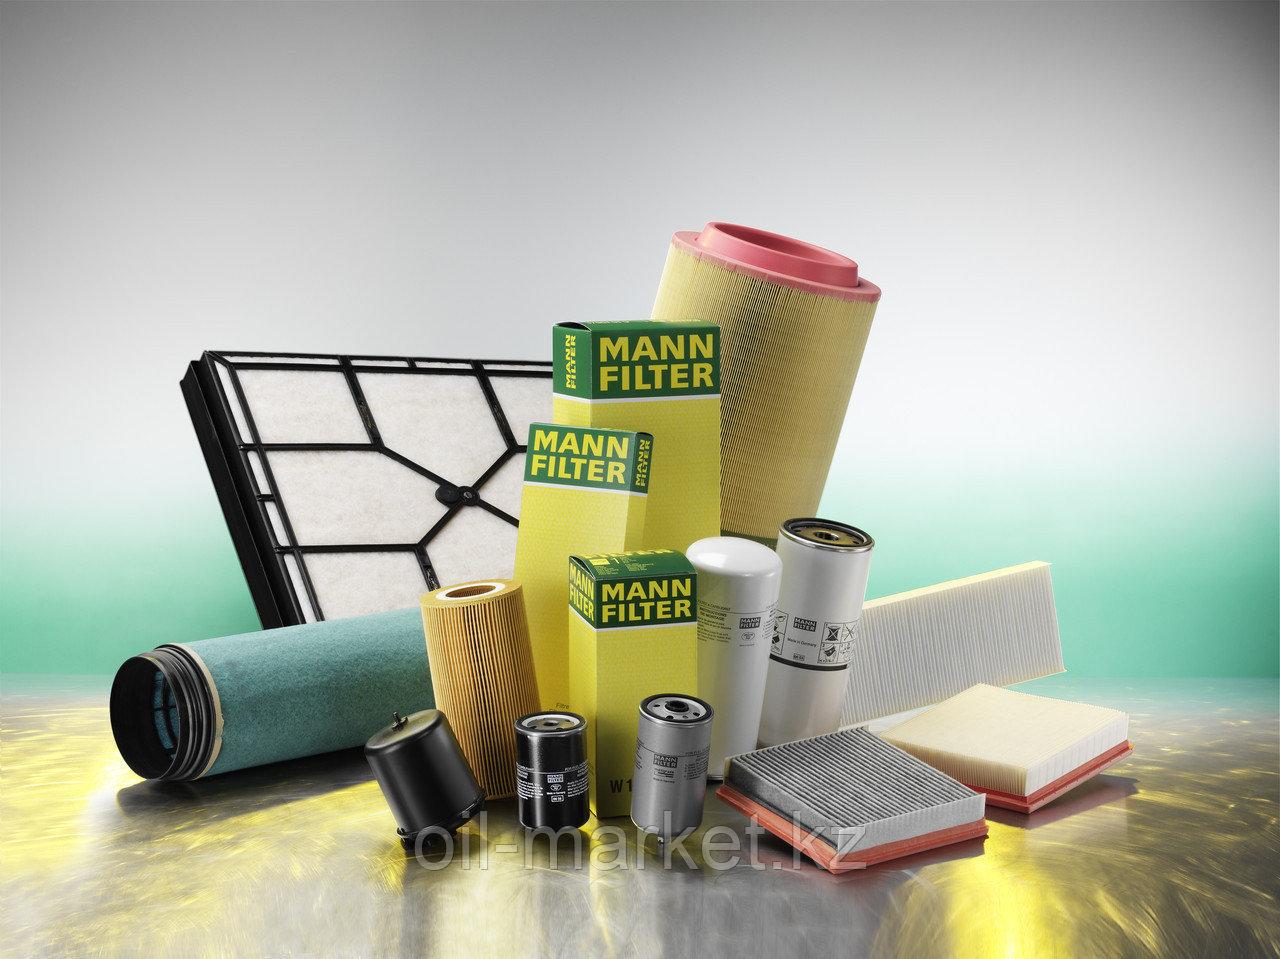 MANN FILTER фильтр салонный угольный CUK22008-4